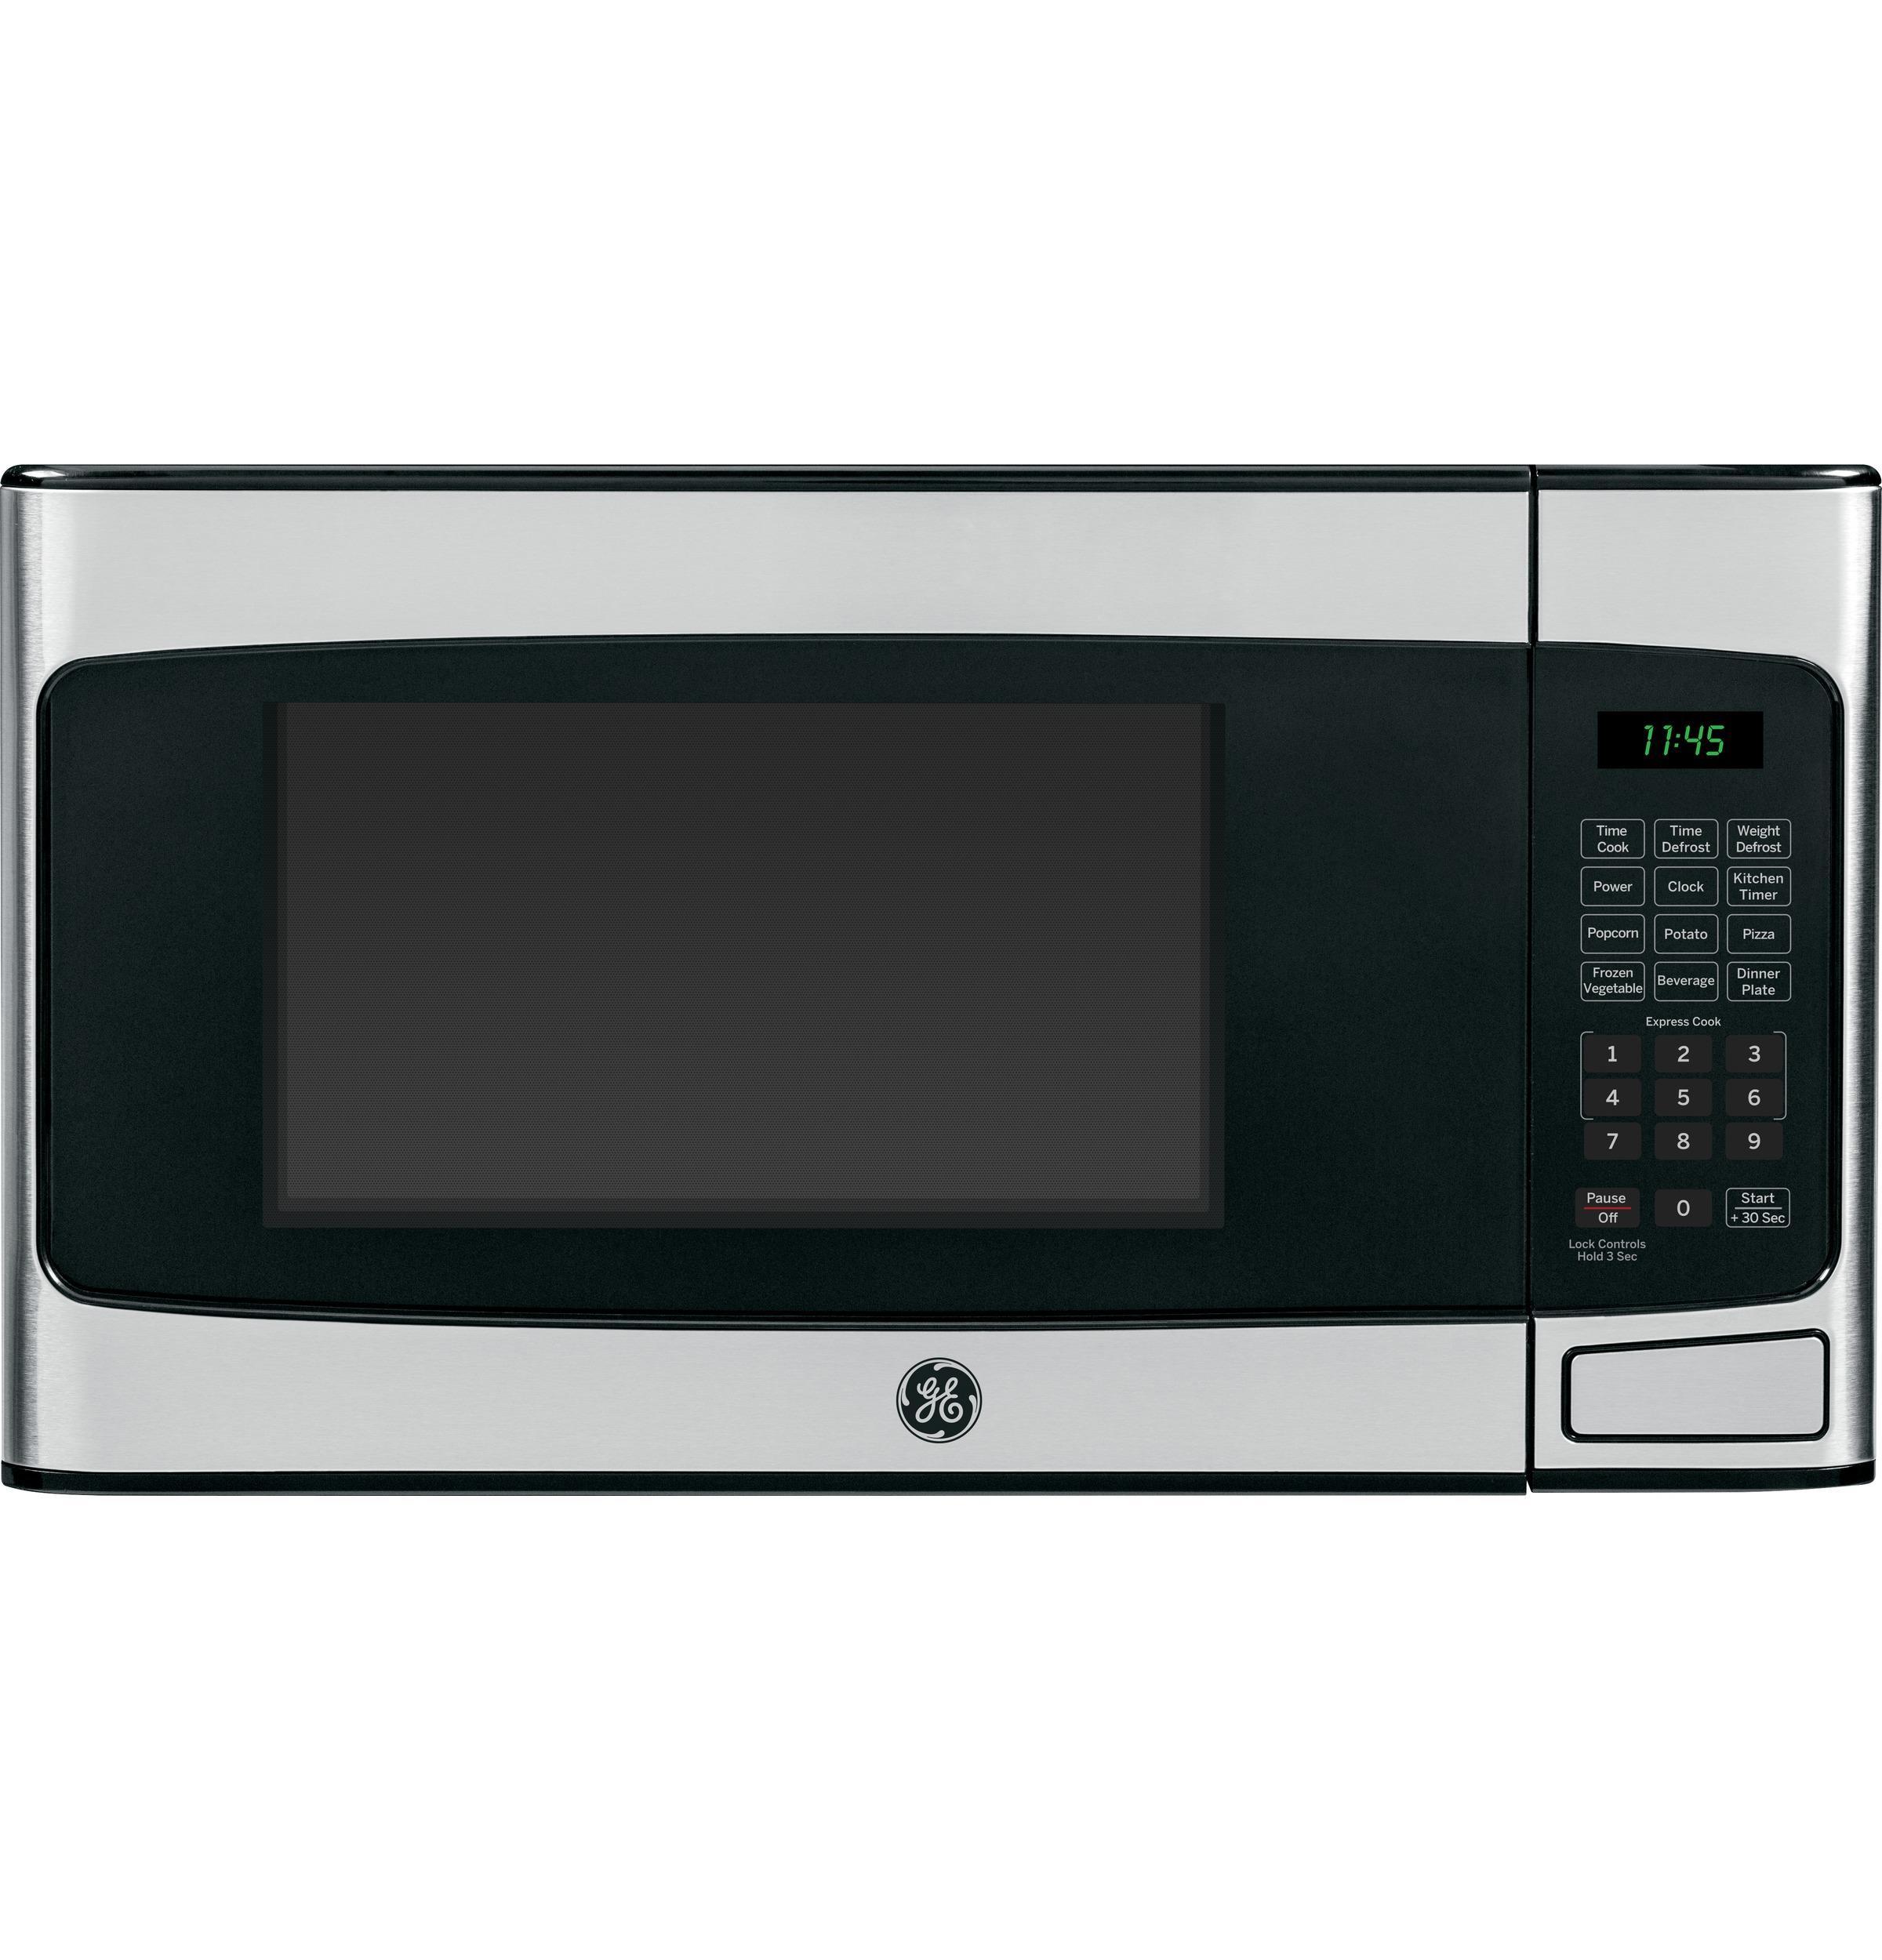 ge microwaves 1 1 cu ft countertop microwave